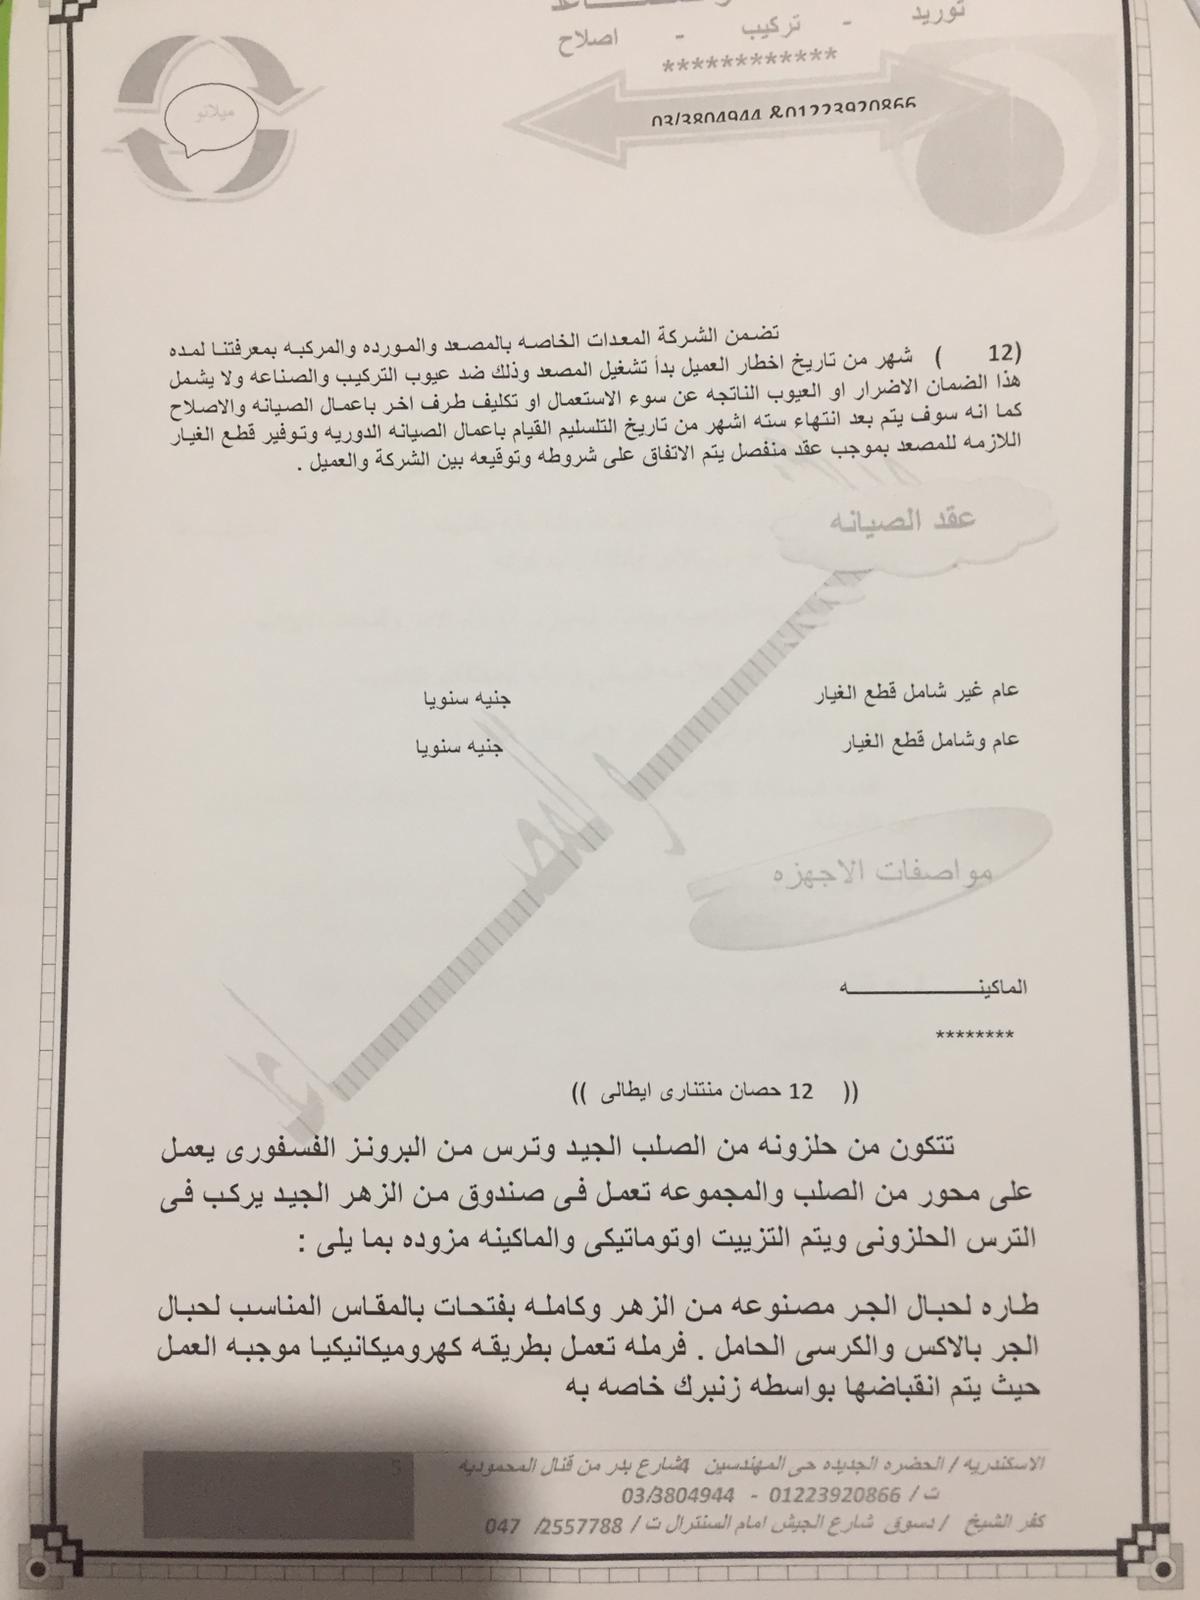 أزمة مشروع سيتي بالاس بالإسكندرية (53)